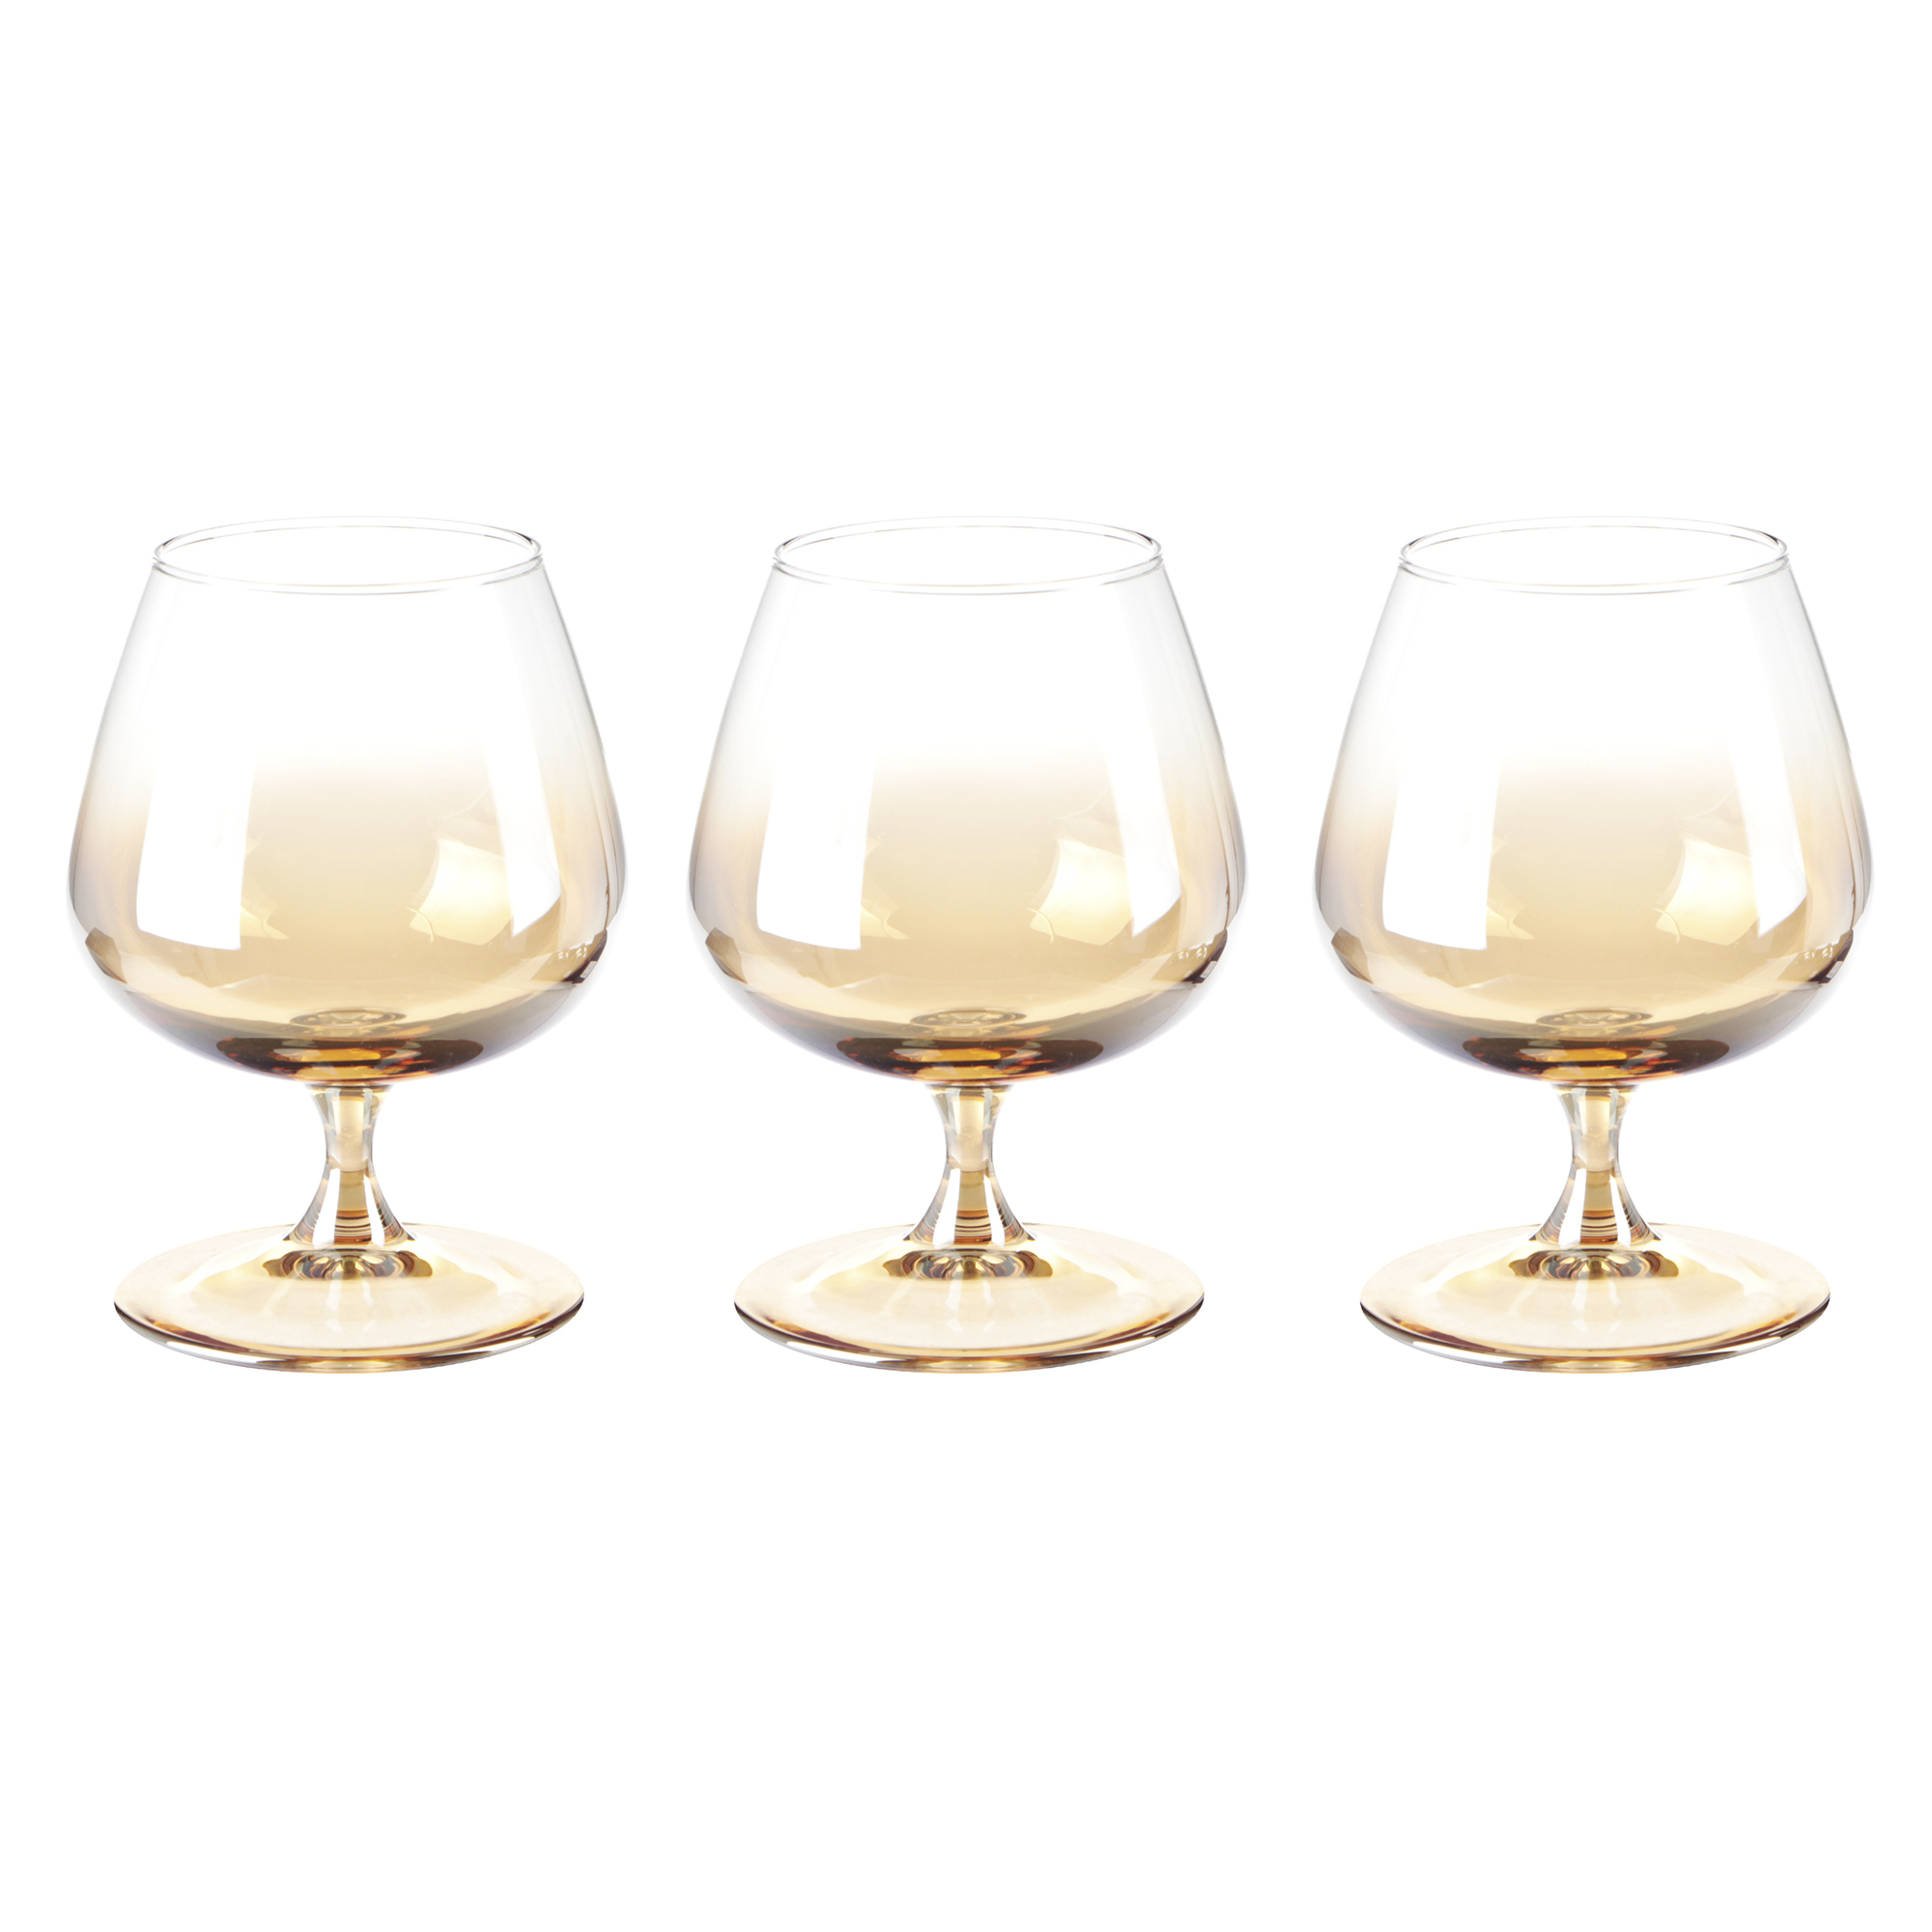 Набор бокалов Glasstar Эталон Медовый омбре 410 мл 3 шт набор стаканов glasstar графитовый омбре 310 мл 6 шт